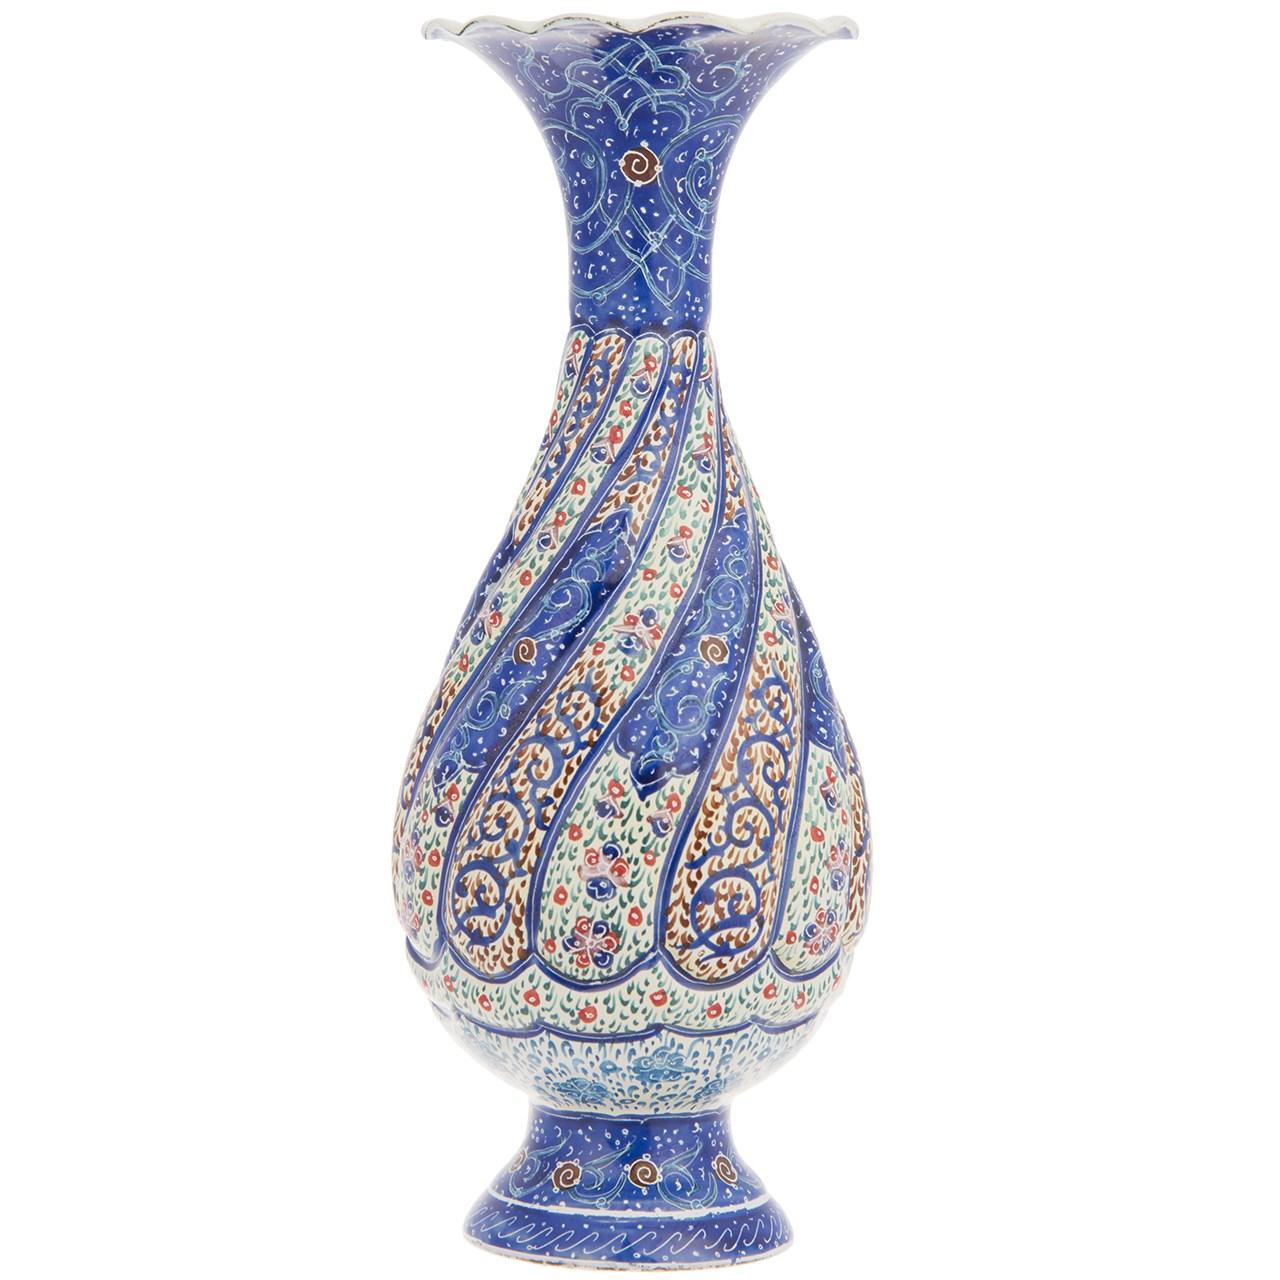 گلدان مسی میناکاری شده اثر شیرازی طرح 5 ارتفاع 16 سانتی متر